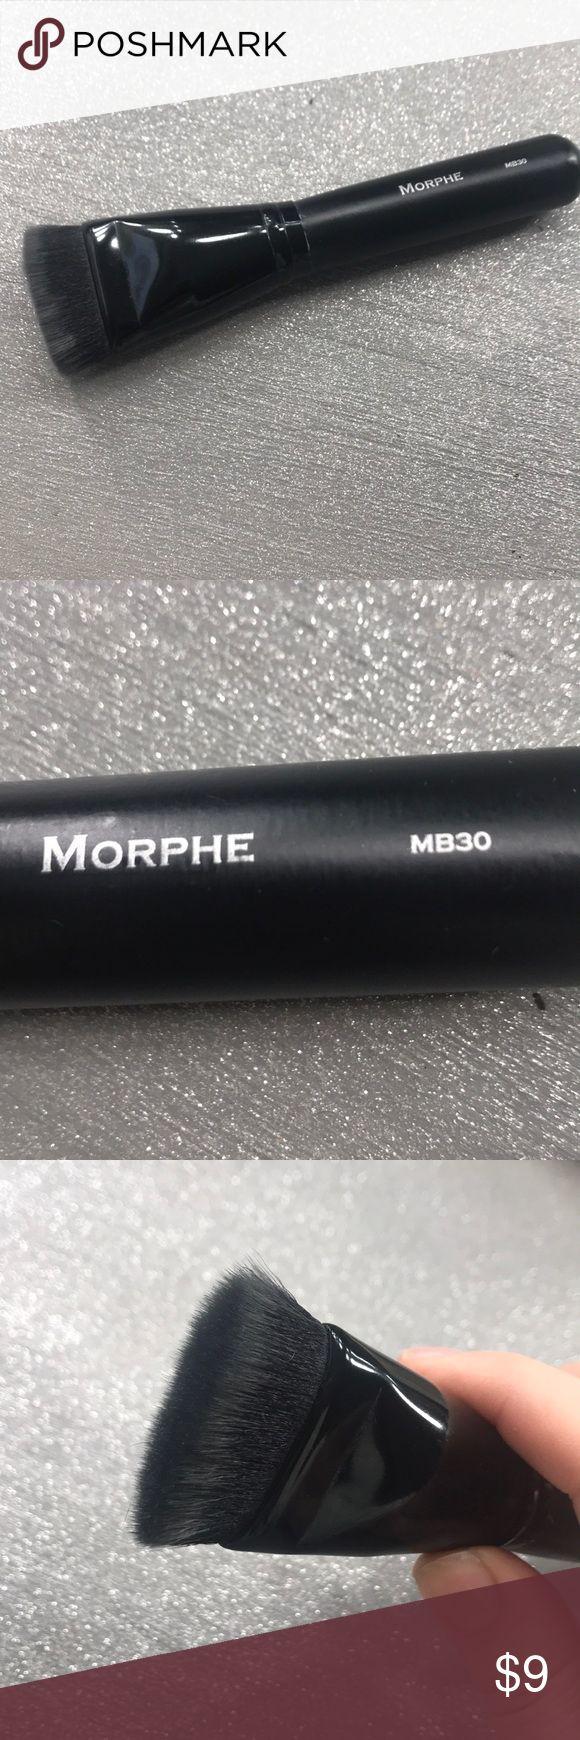 Morphe contour brush **clean** Morphe MB30 face contour brush Morphe Makeup Brushes & Tools